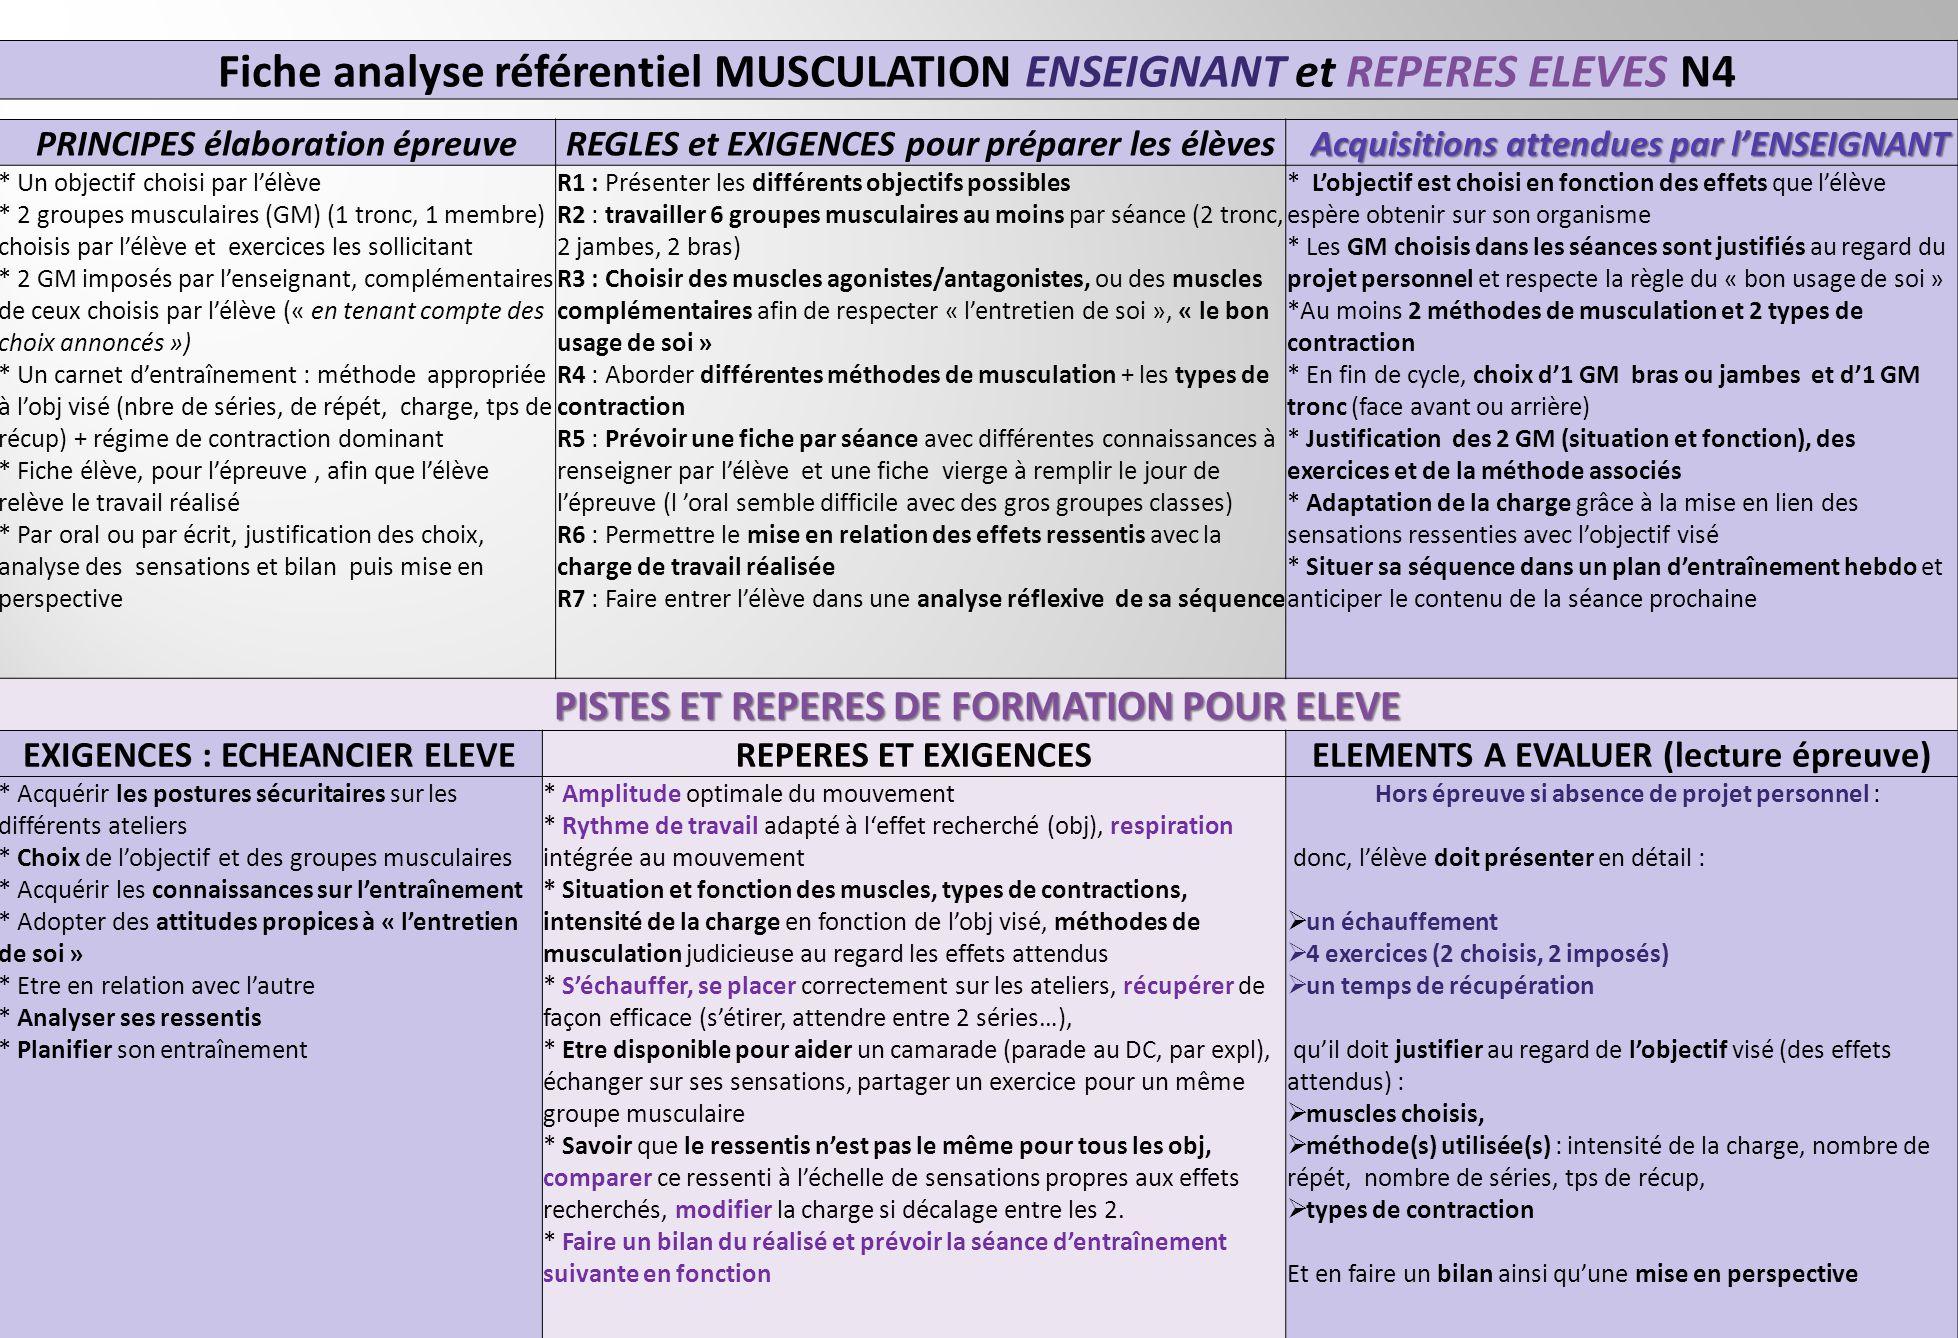 Fiche analyse référentiel MUSCULATION ENSEIGNANT et REPERES ELEVES N4 PRINCIPES élaboration épreuveREGLES et EXIGENCES pour préparer les élèves Acquis